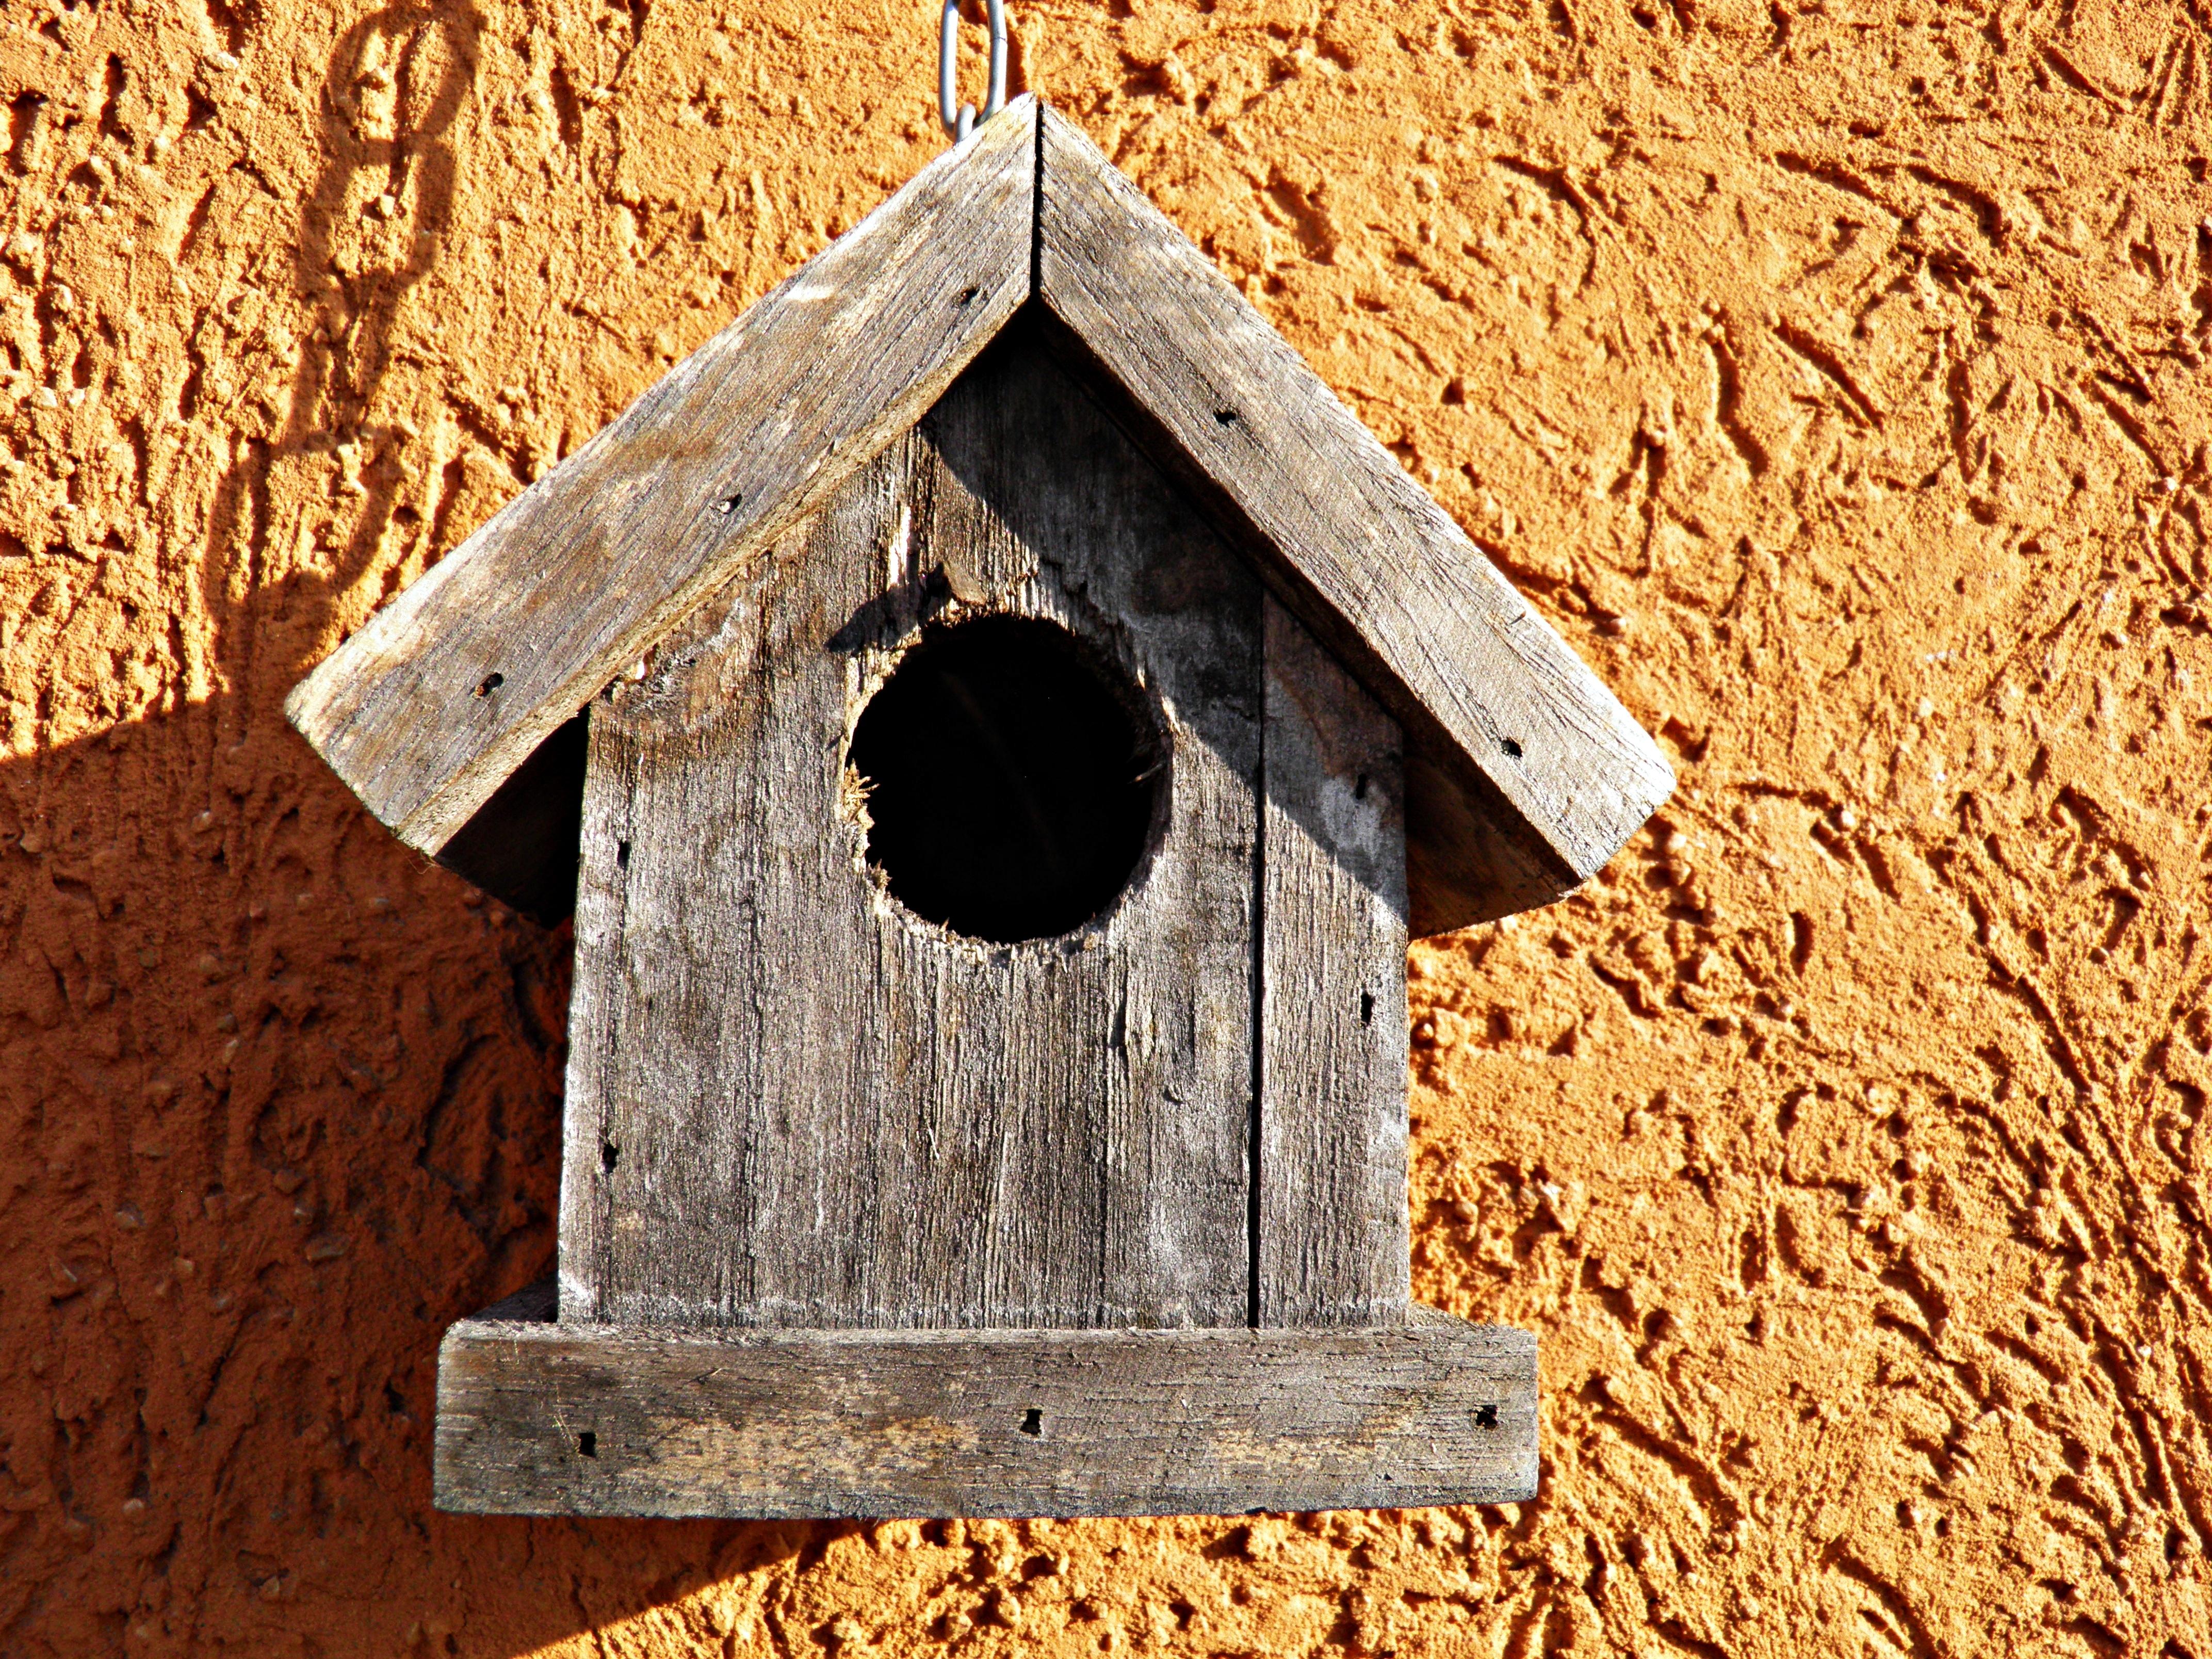 картинки дерево деревянный скворечник птичий домик